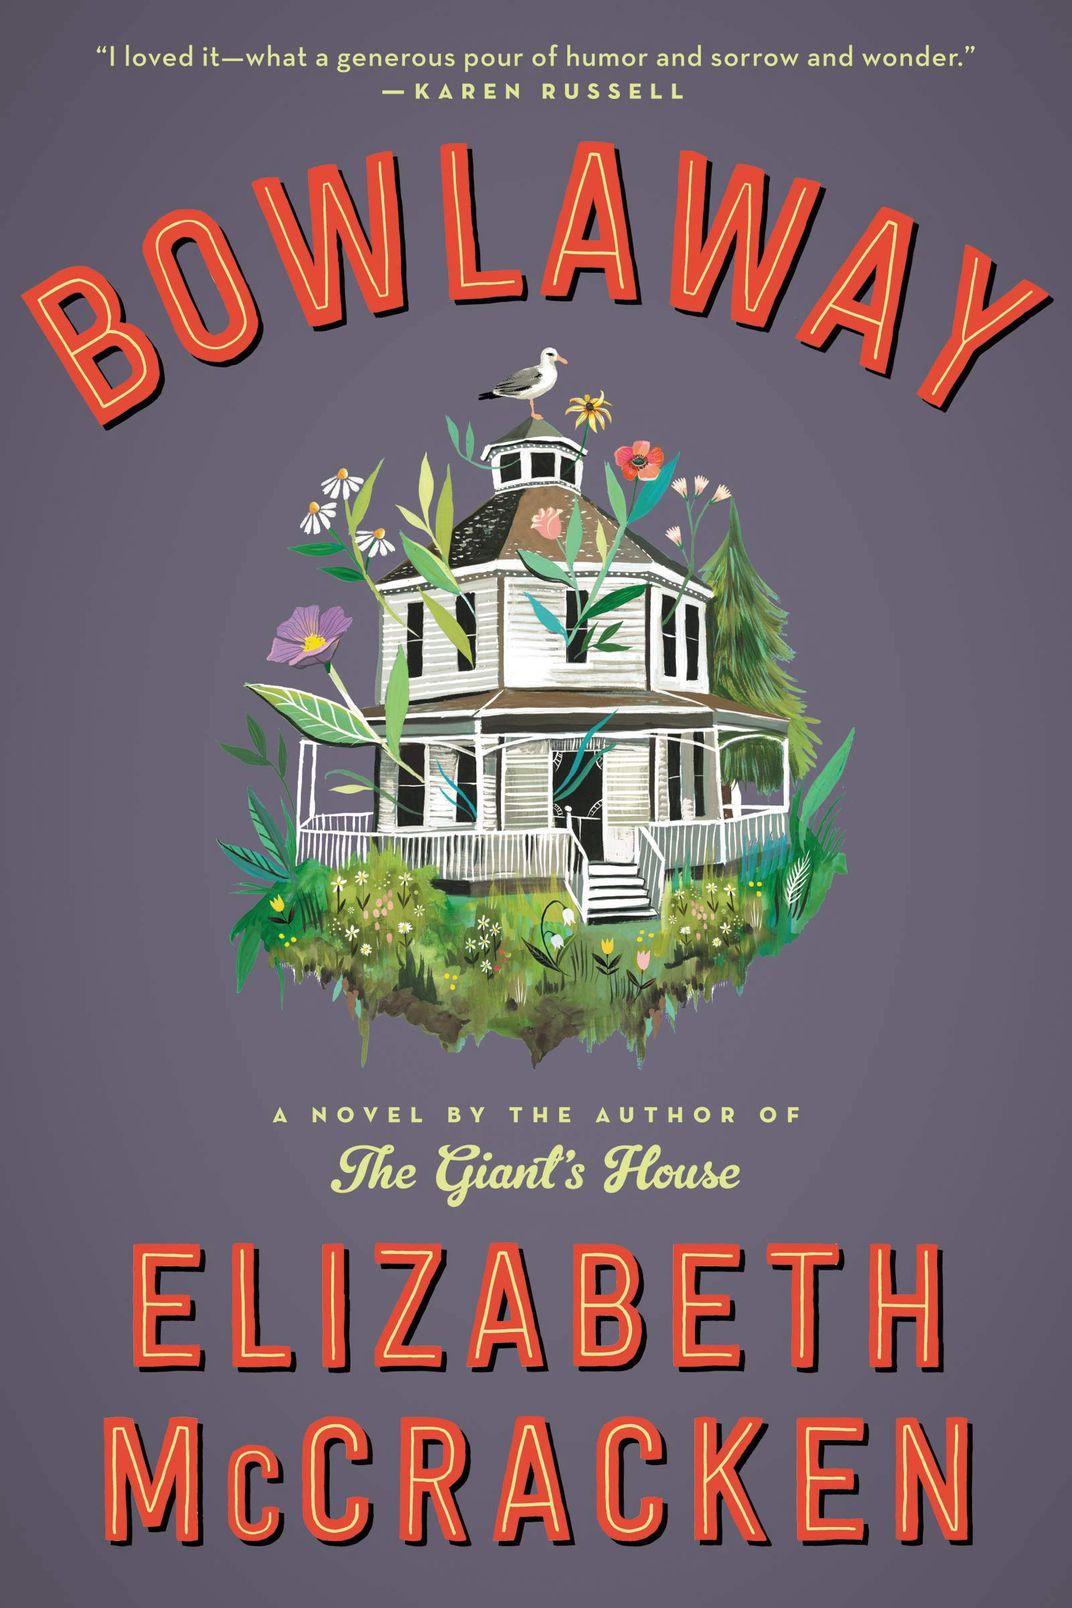 <em>Bowlaway</em> by Elizabeth McCracken